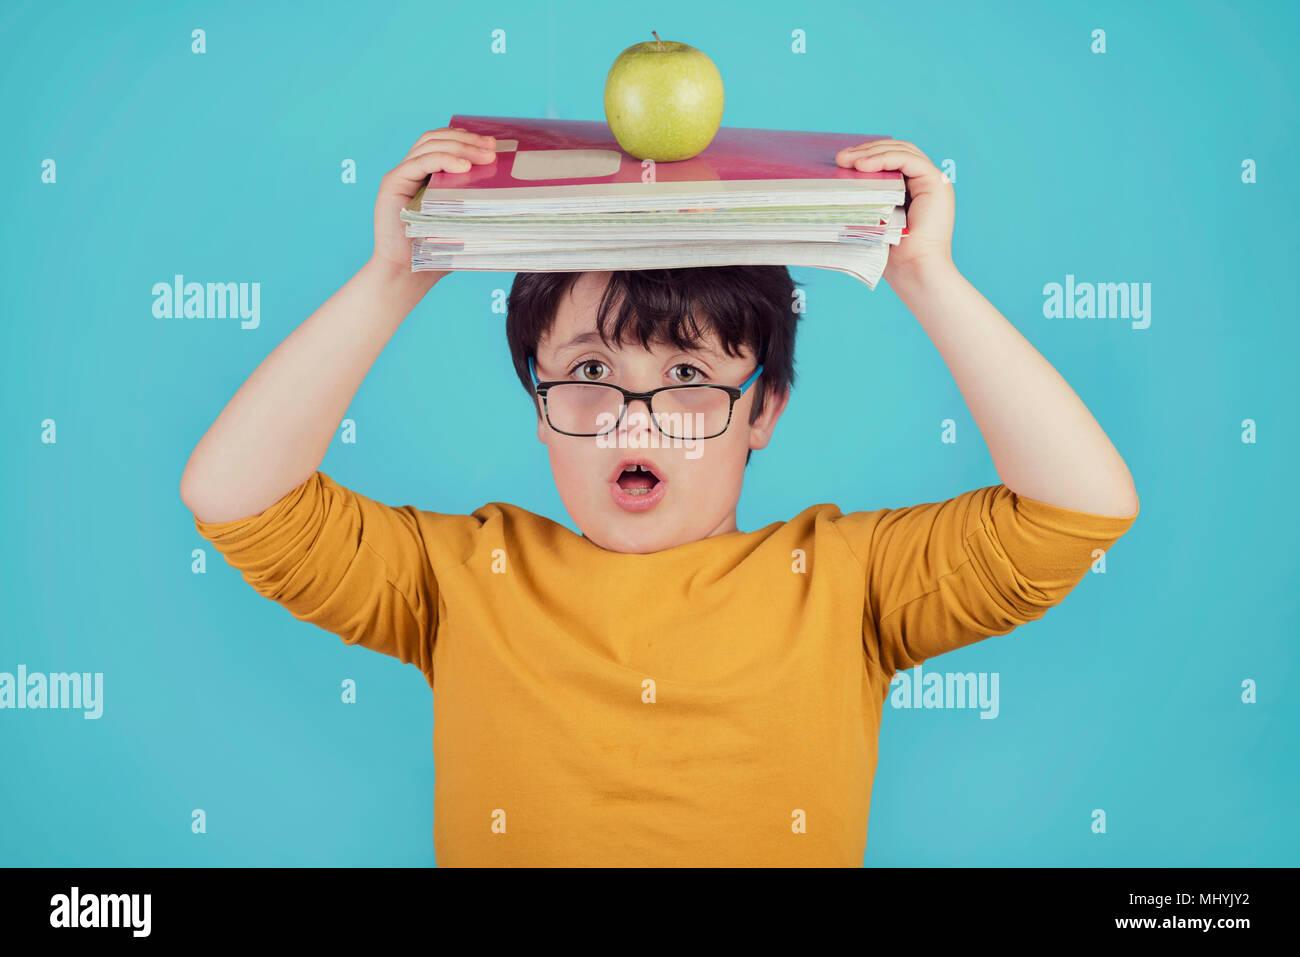 Überrascht Junge mit Bücher und Apple auf blauem Hintergrund Stockbild